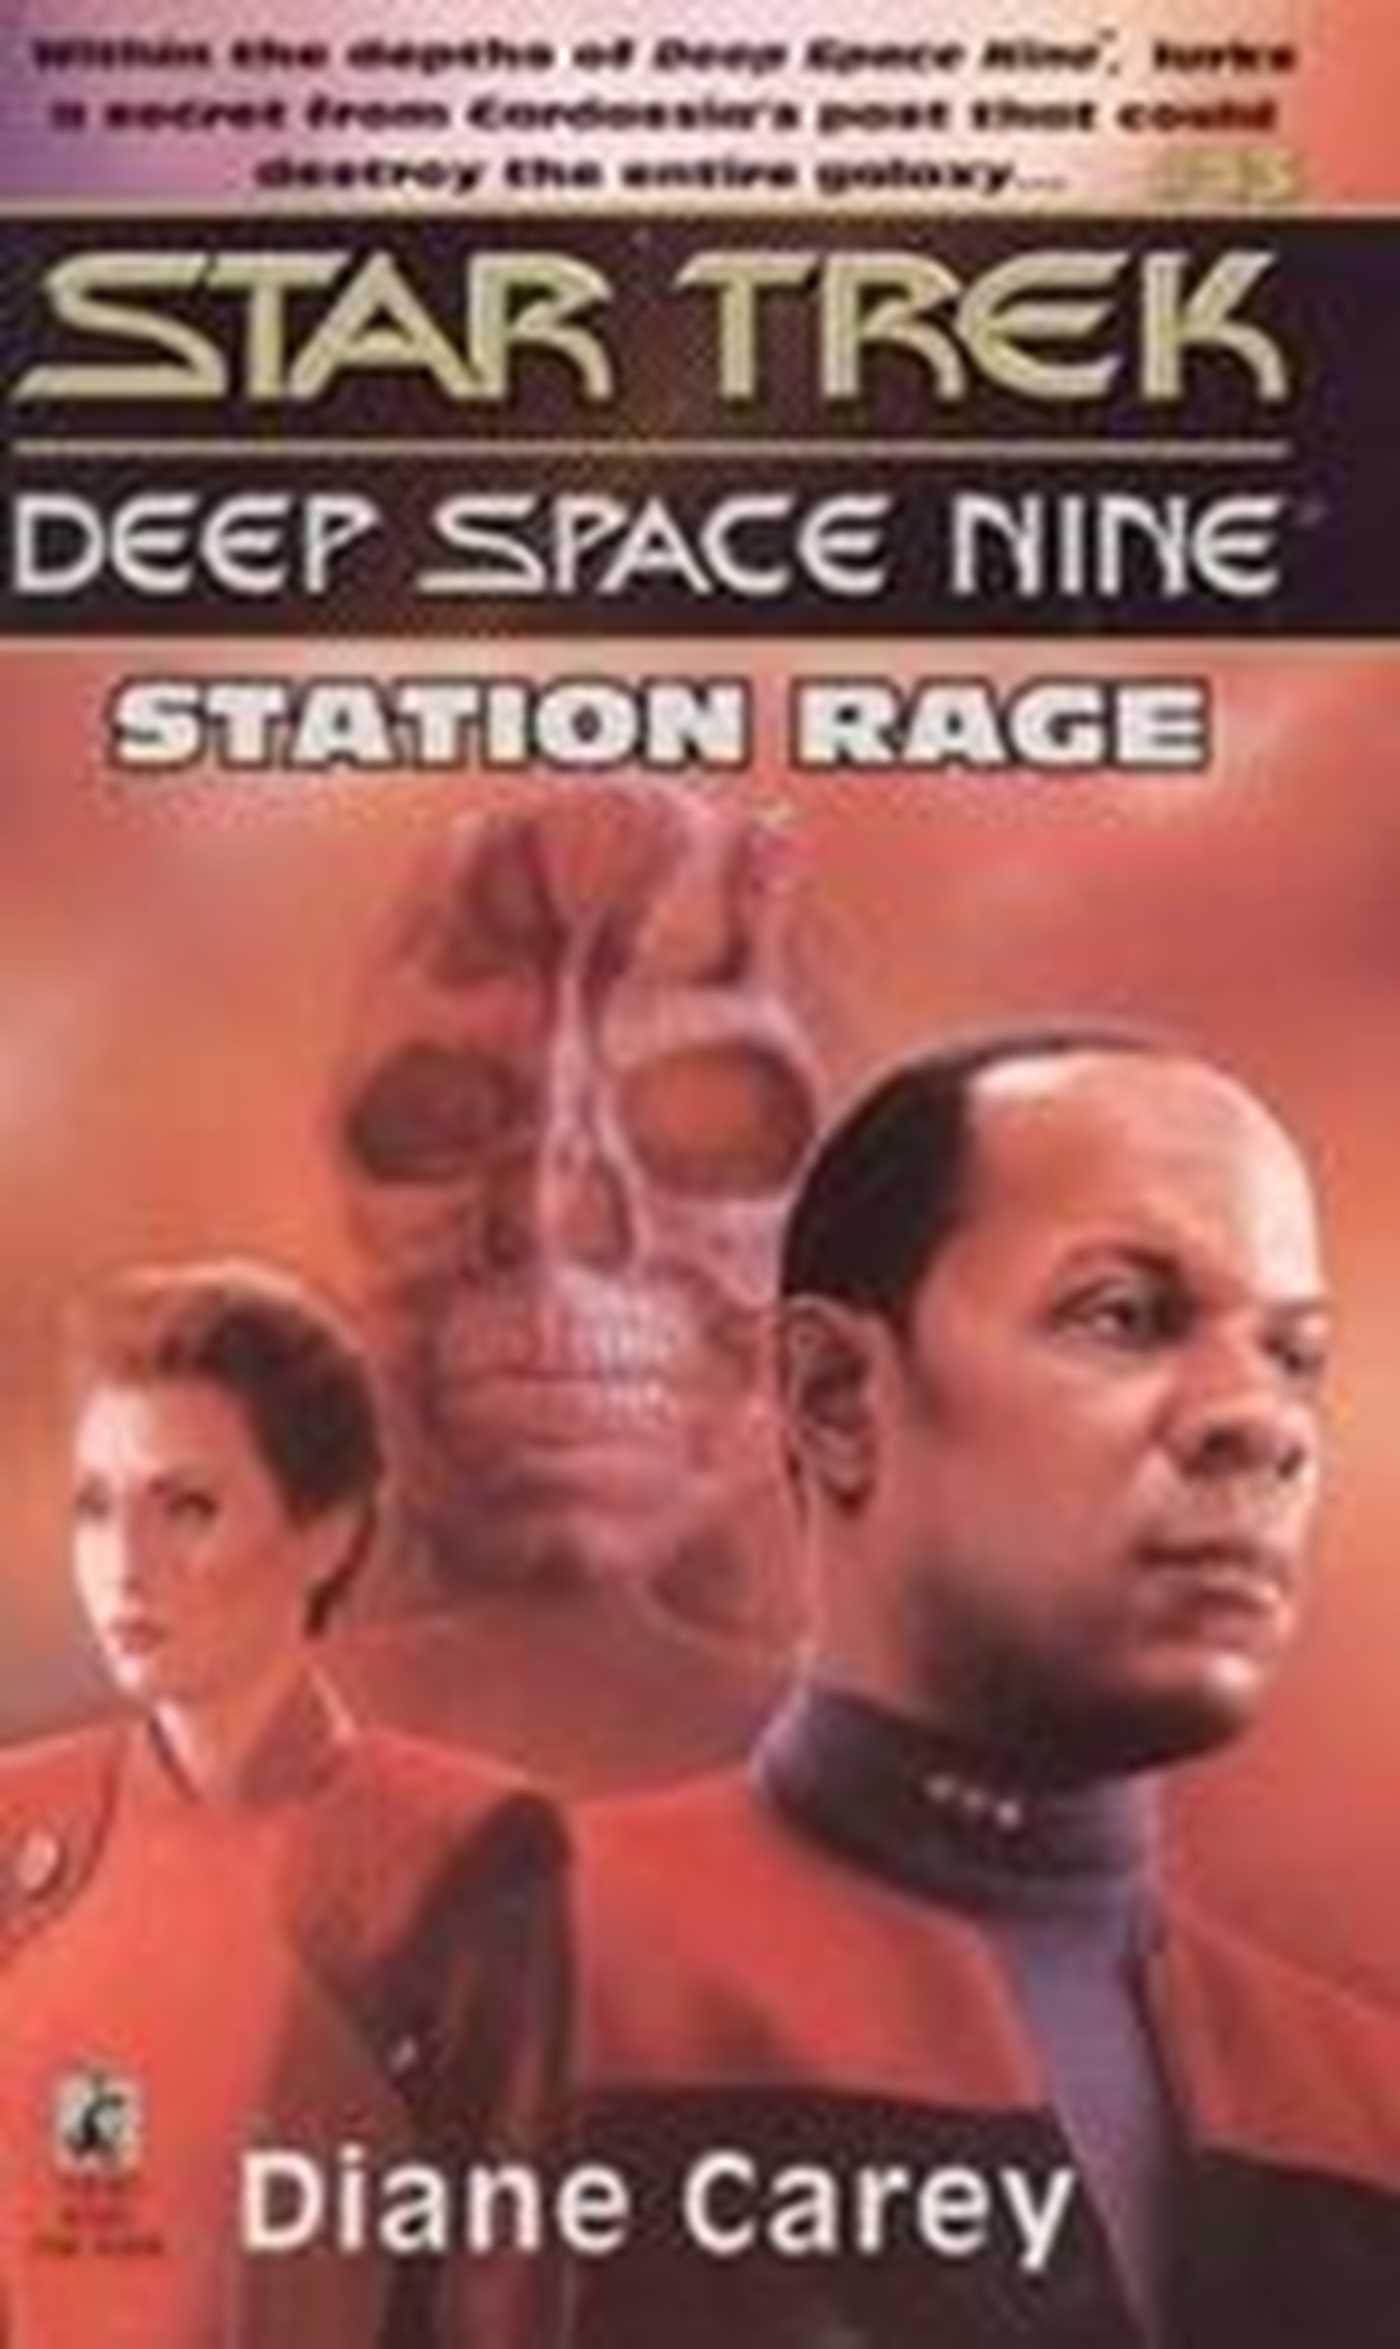 Station rage 9780743420440 hr